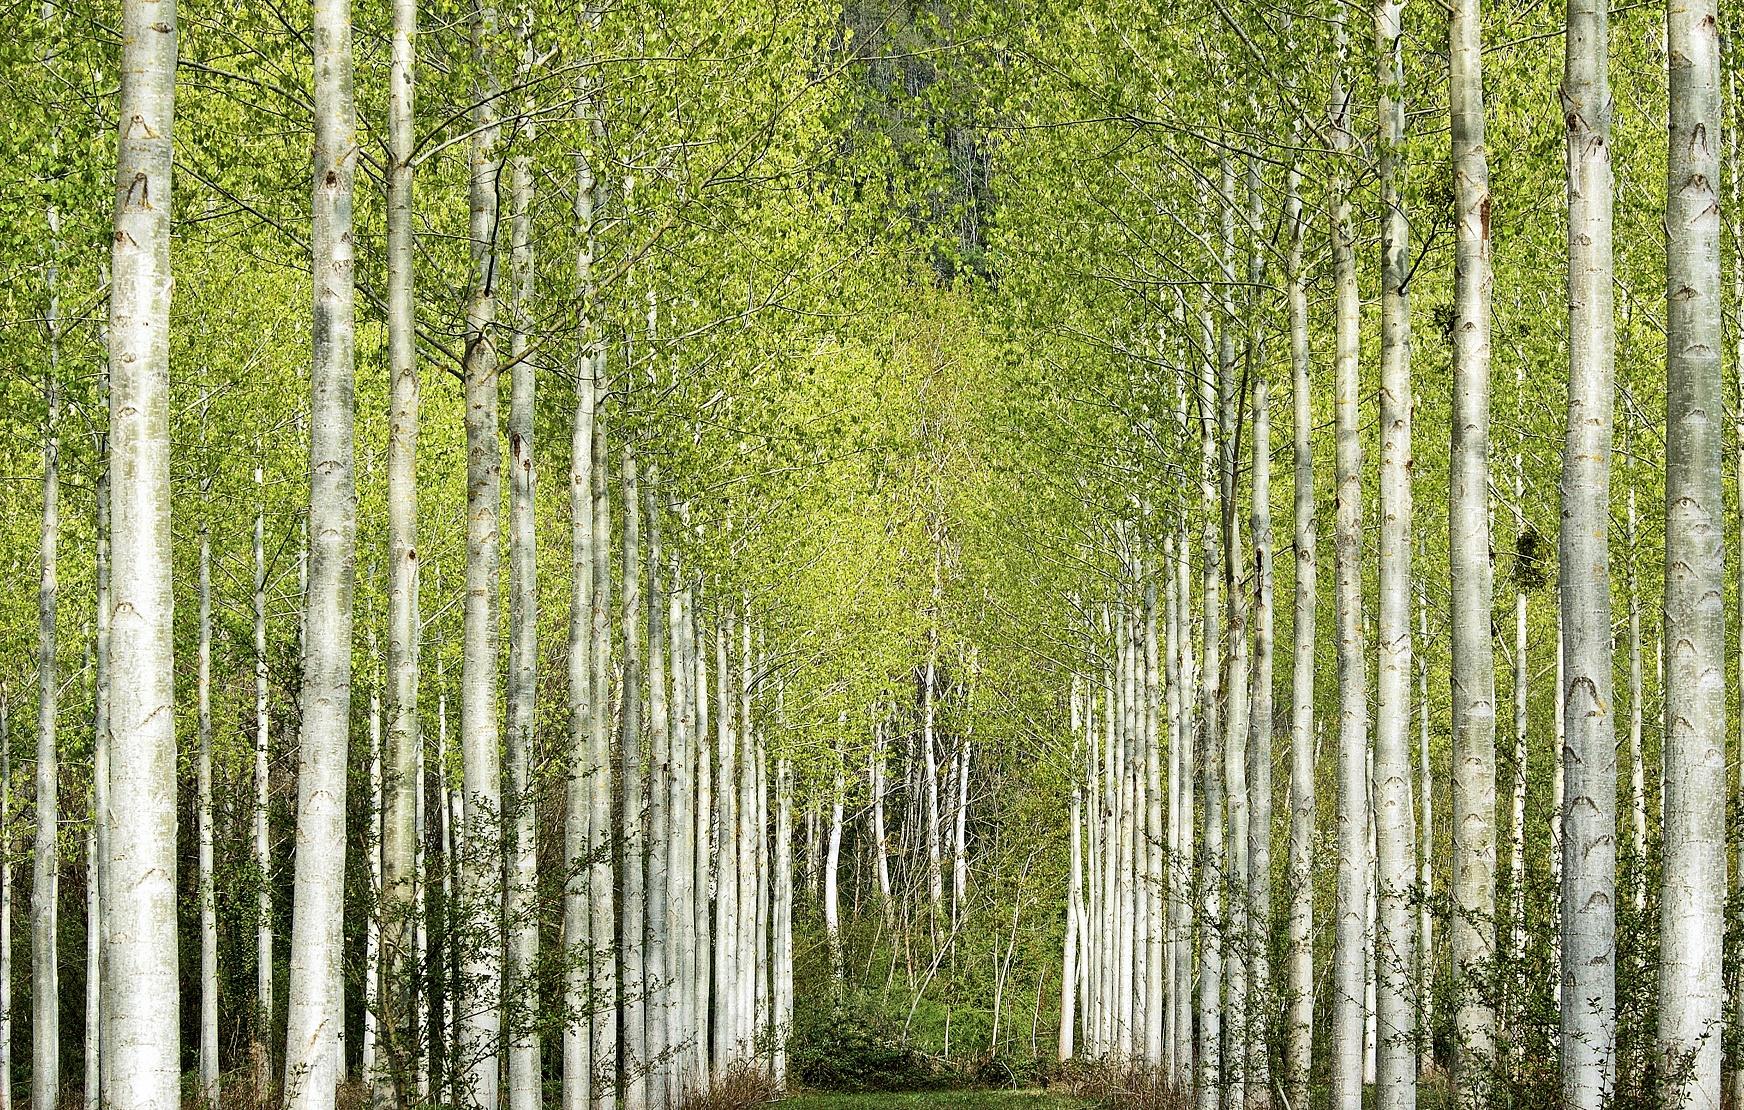 Projetos de restauração florestal, gestão hídrica e energia renovável estão entre as melhores oportunidades para investimentos ambientais. Foto de Jean-Philippe Delobelle/Biosphoto